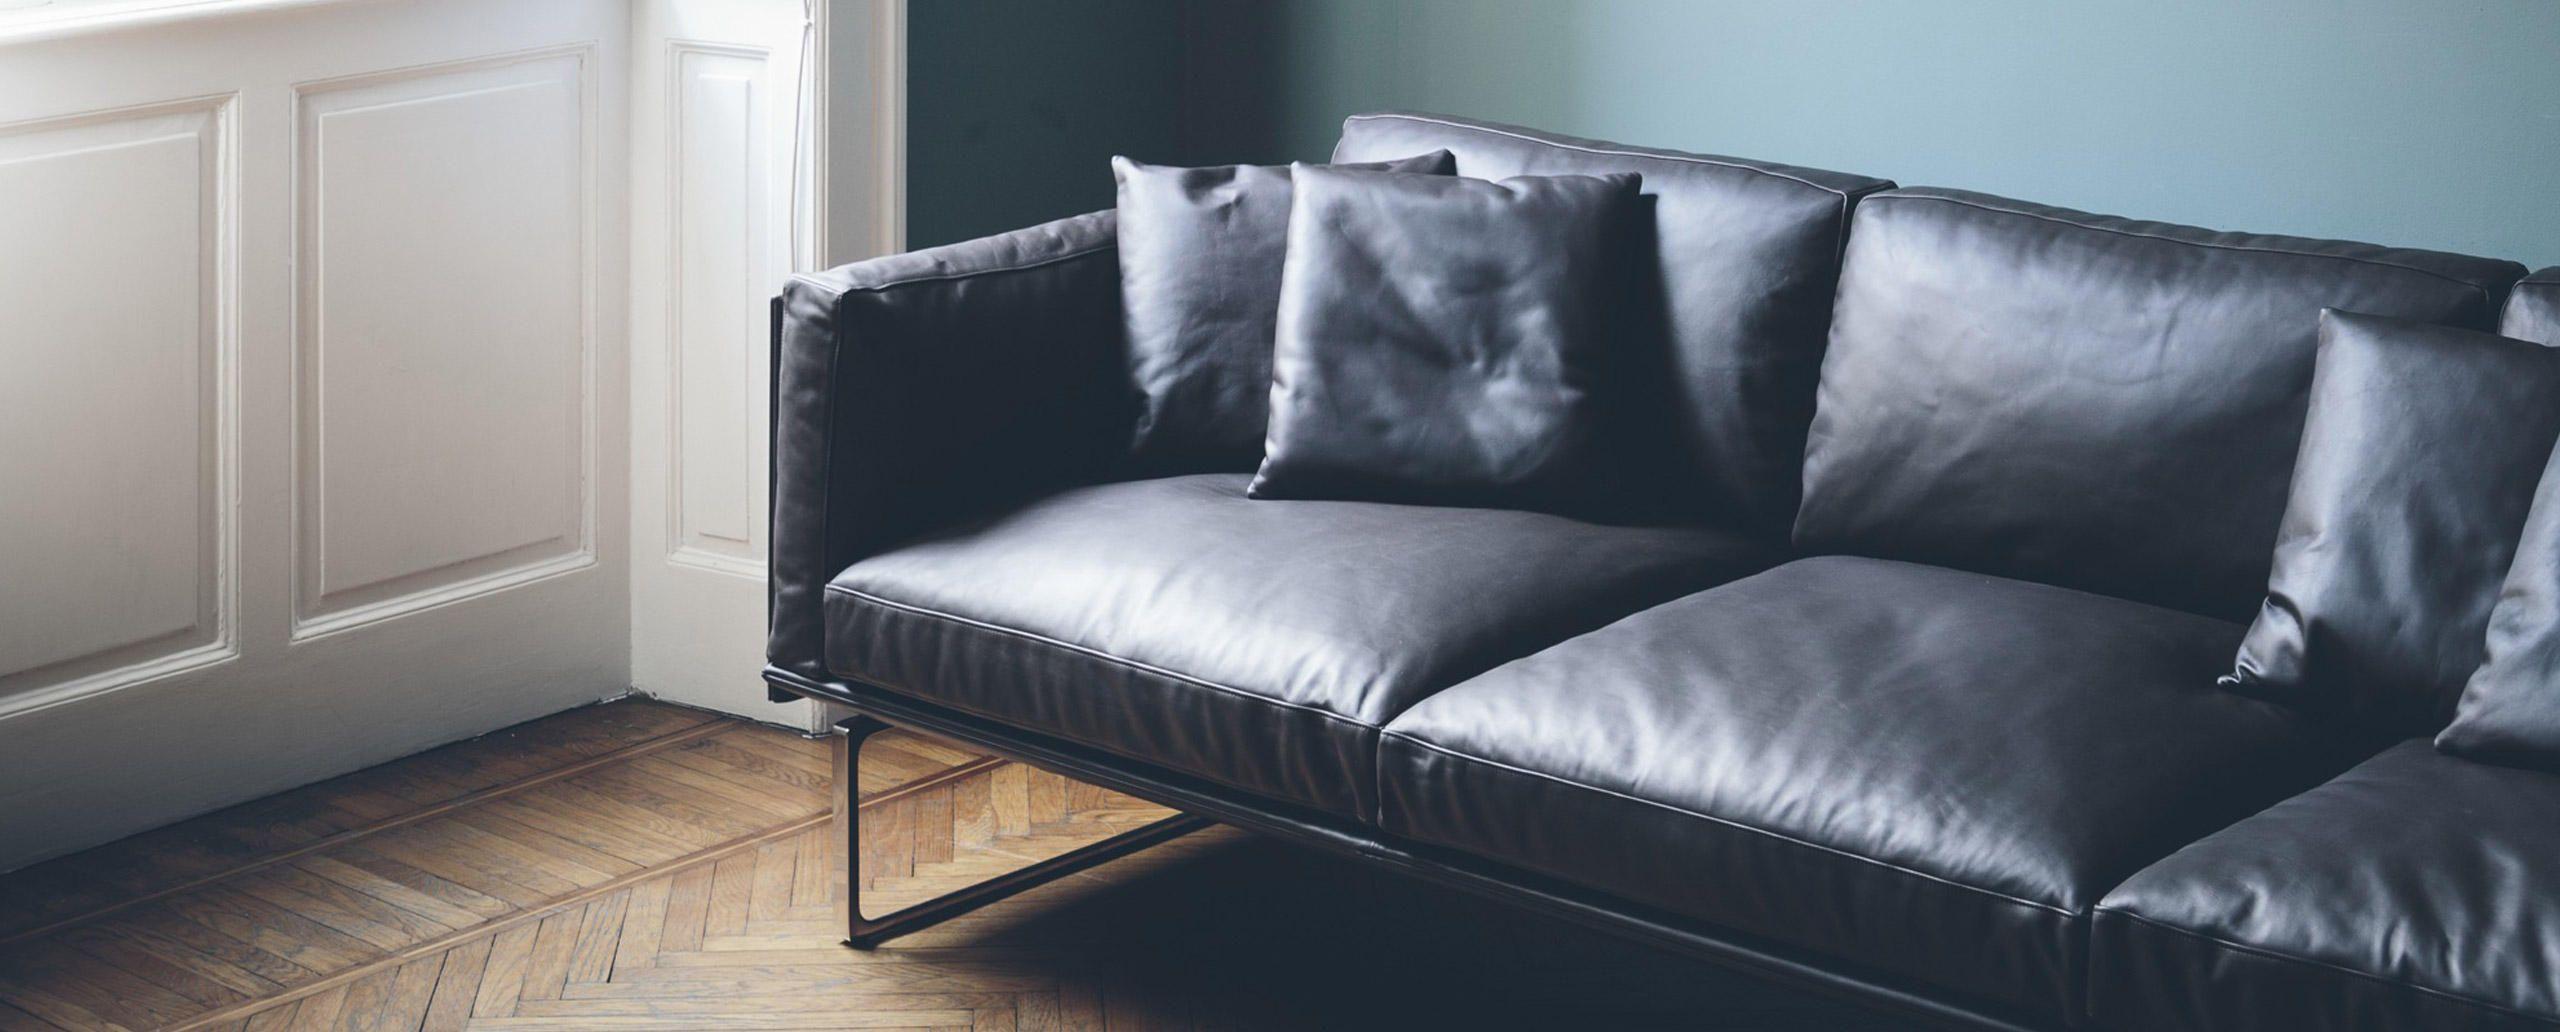 cassina divano. 202 8 Cerca con Google Möbel sofa